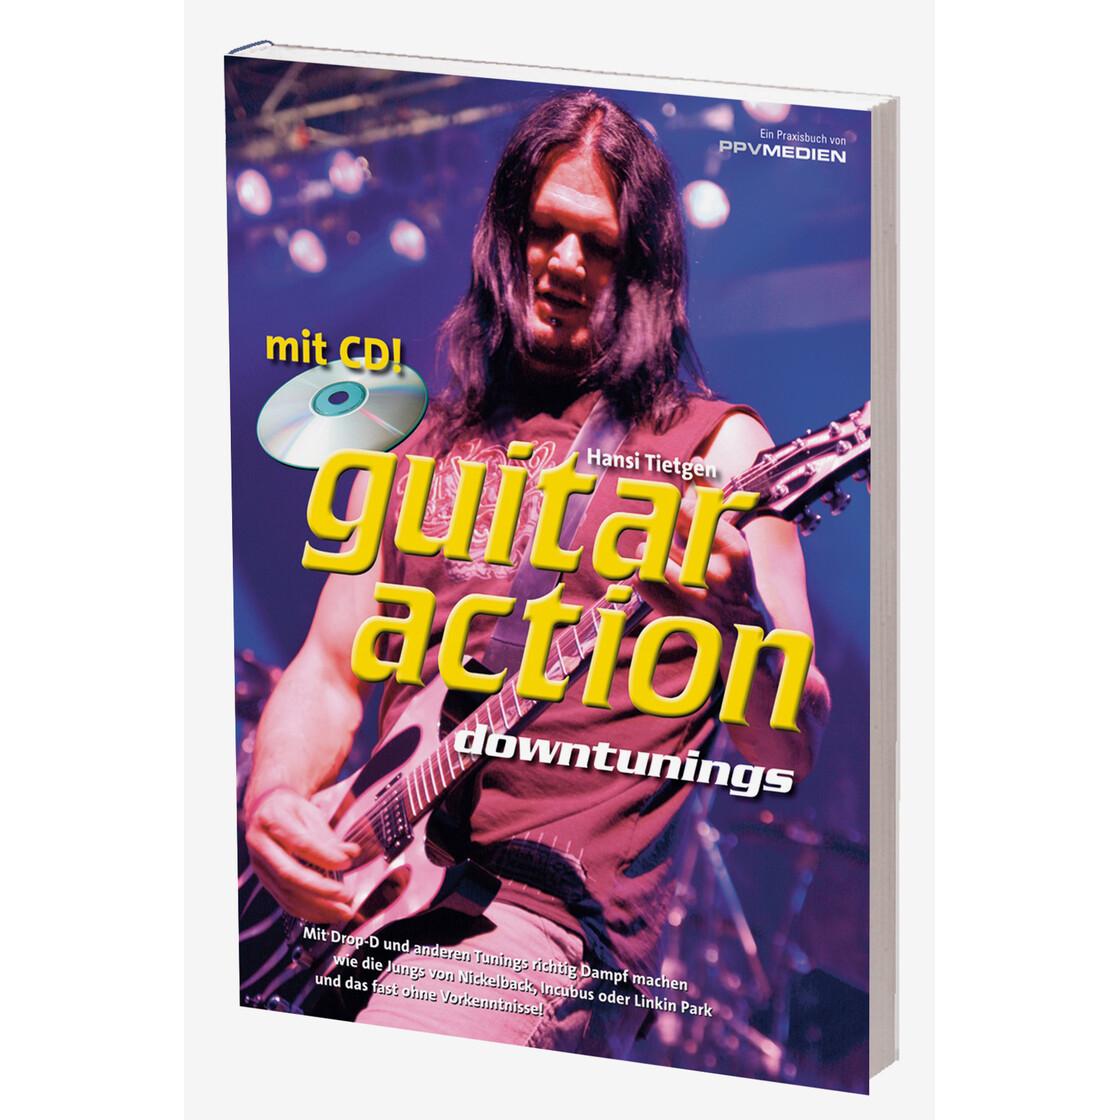 Guitar Action Downtunings - PPV Medien